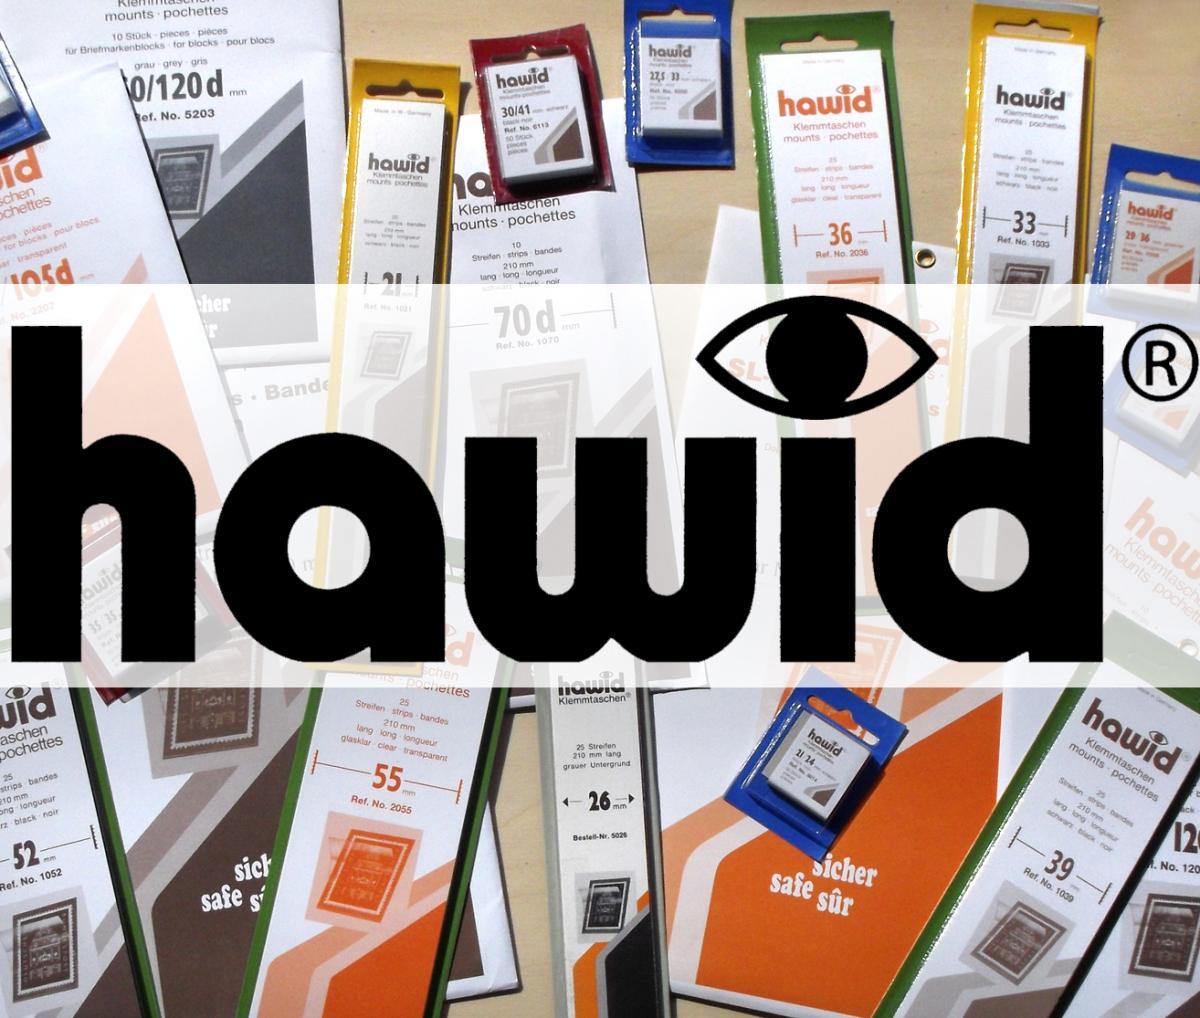 HAWID-Streifen 2031, 210 x 31 mm, glasklar, 25 Stück (gelbe Verpackung) 0